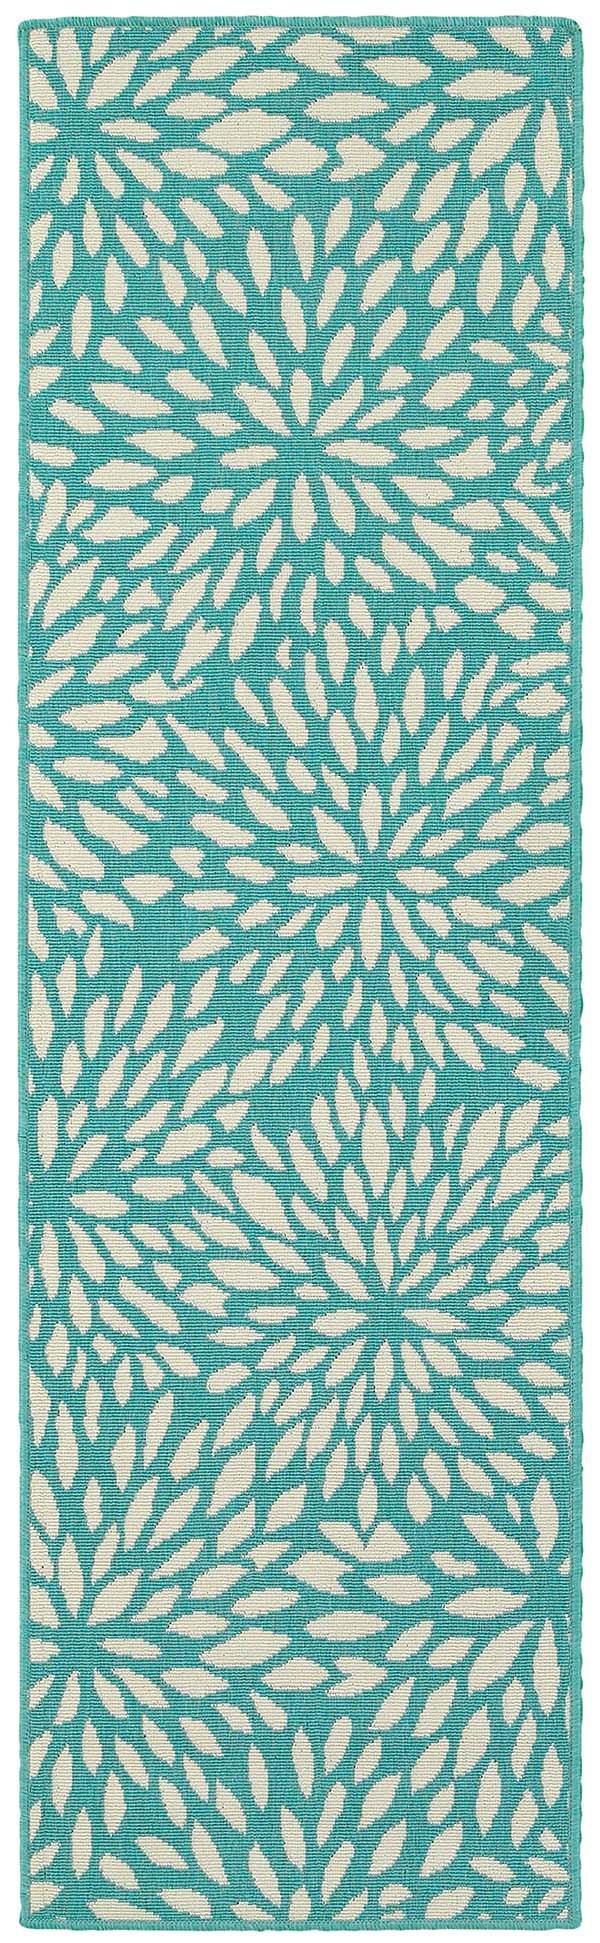 Blue, Ivory Floral / Botanical Area Rug